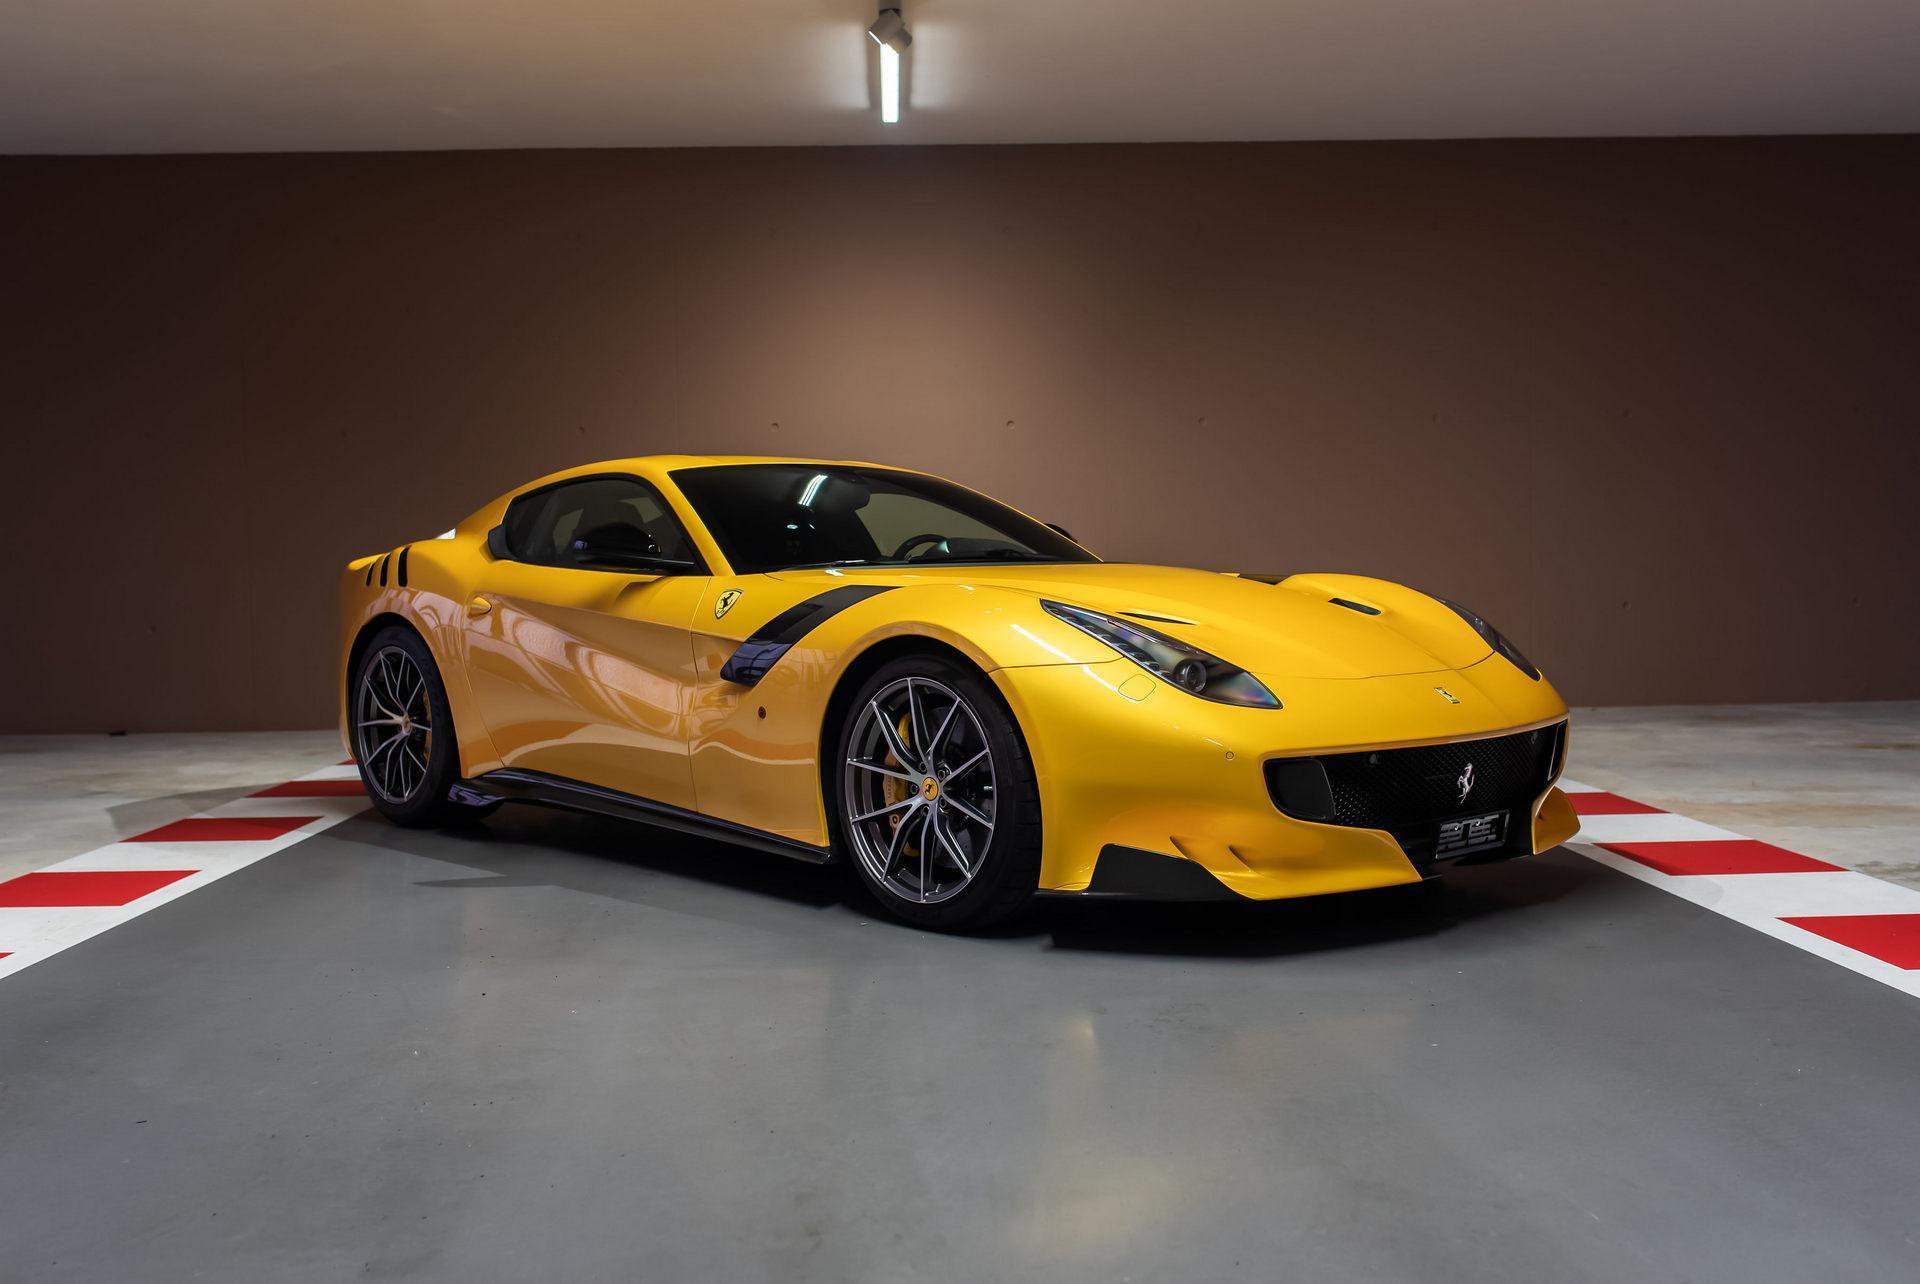 Ferrari F12 tdf vettel